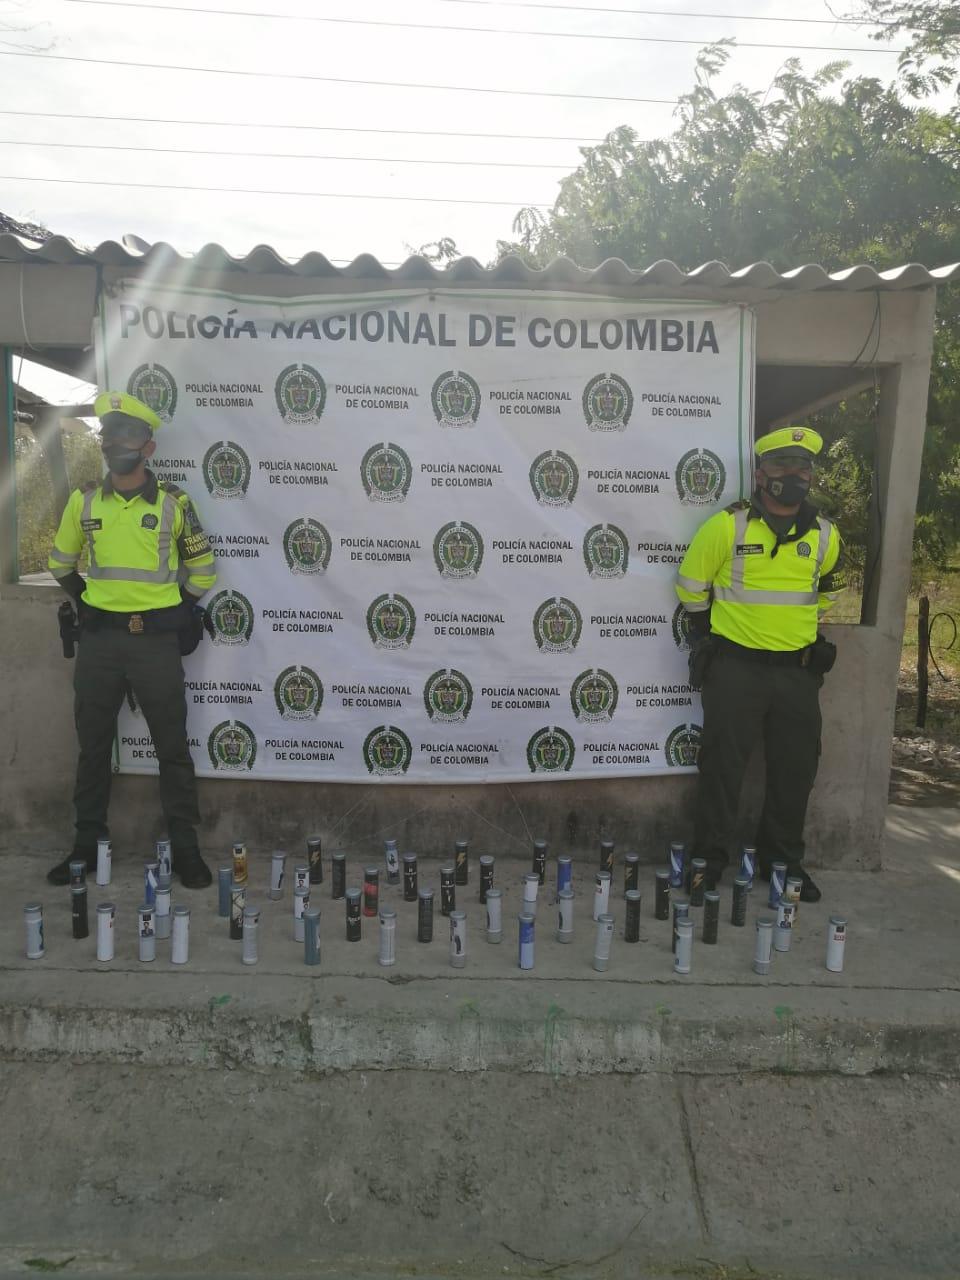 https://www.notasrosas.com/En zona rural de Hatonuevo, capturan hombre con 26 kilos de cocaína